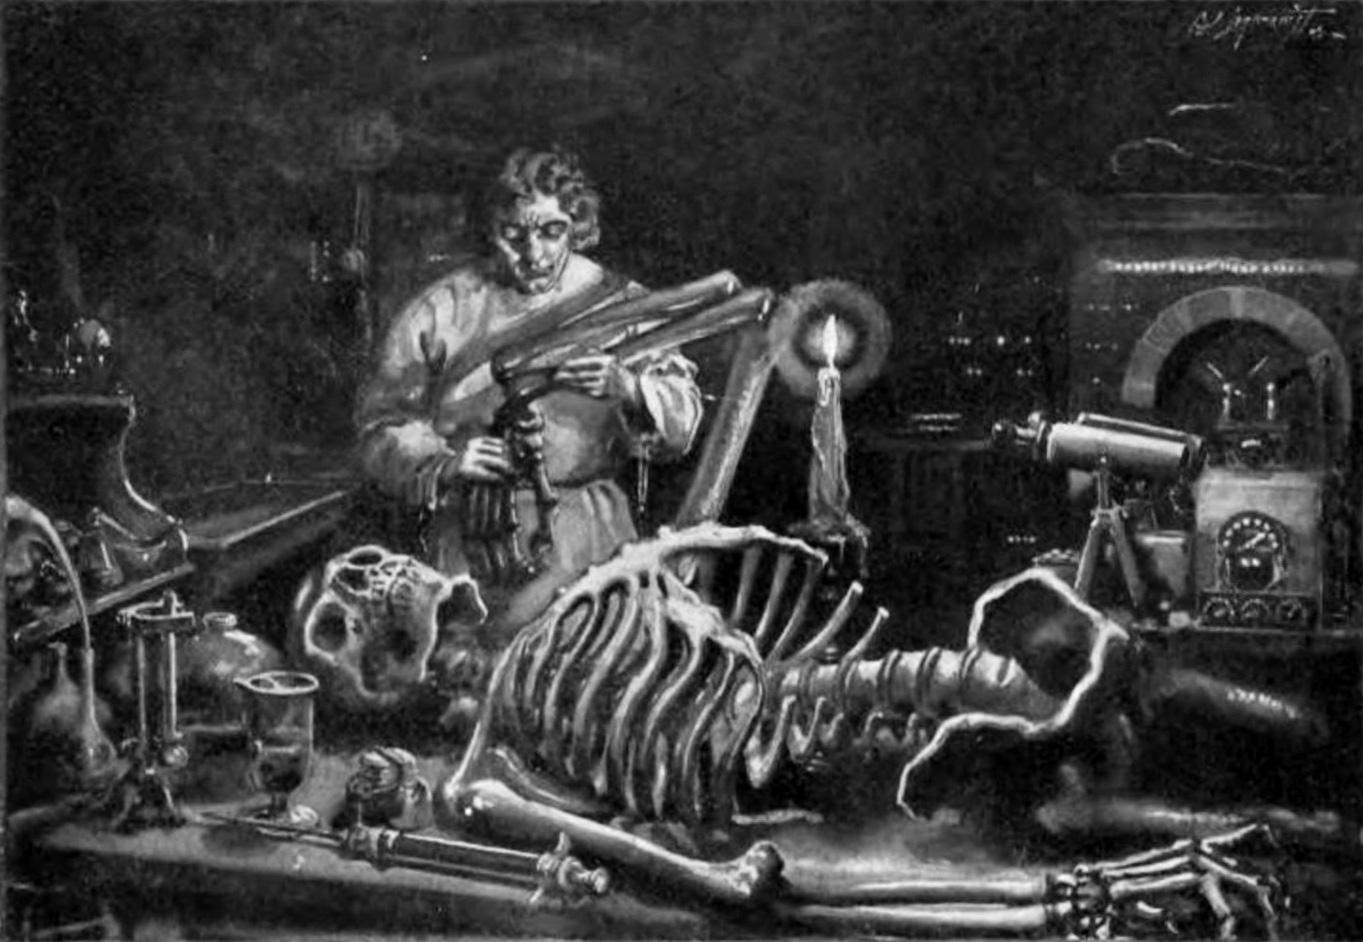 İlk bilimkurgu romanı: Frankenstein